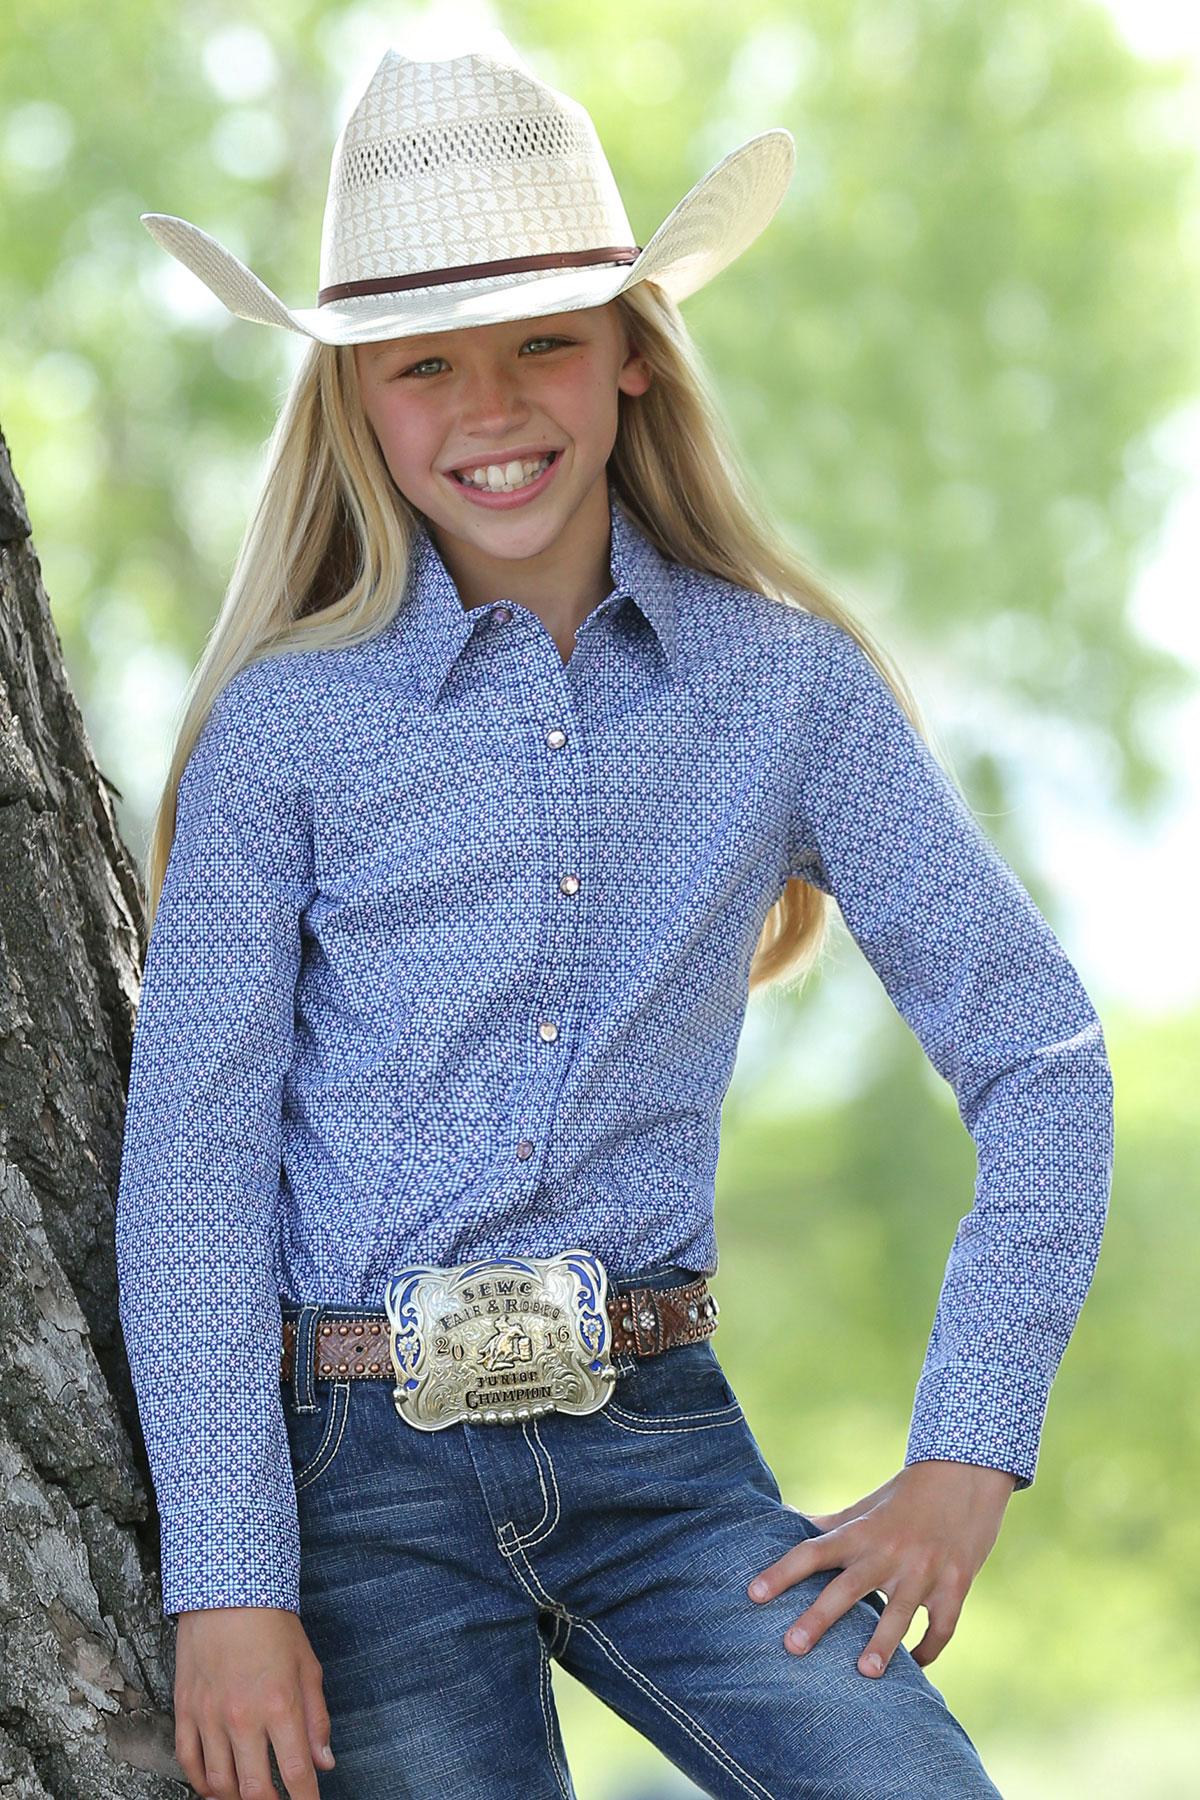 Cruel_girl_8_seconds_western_wear